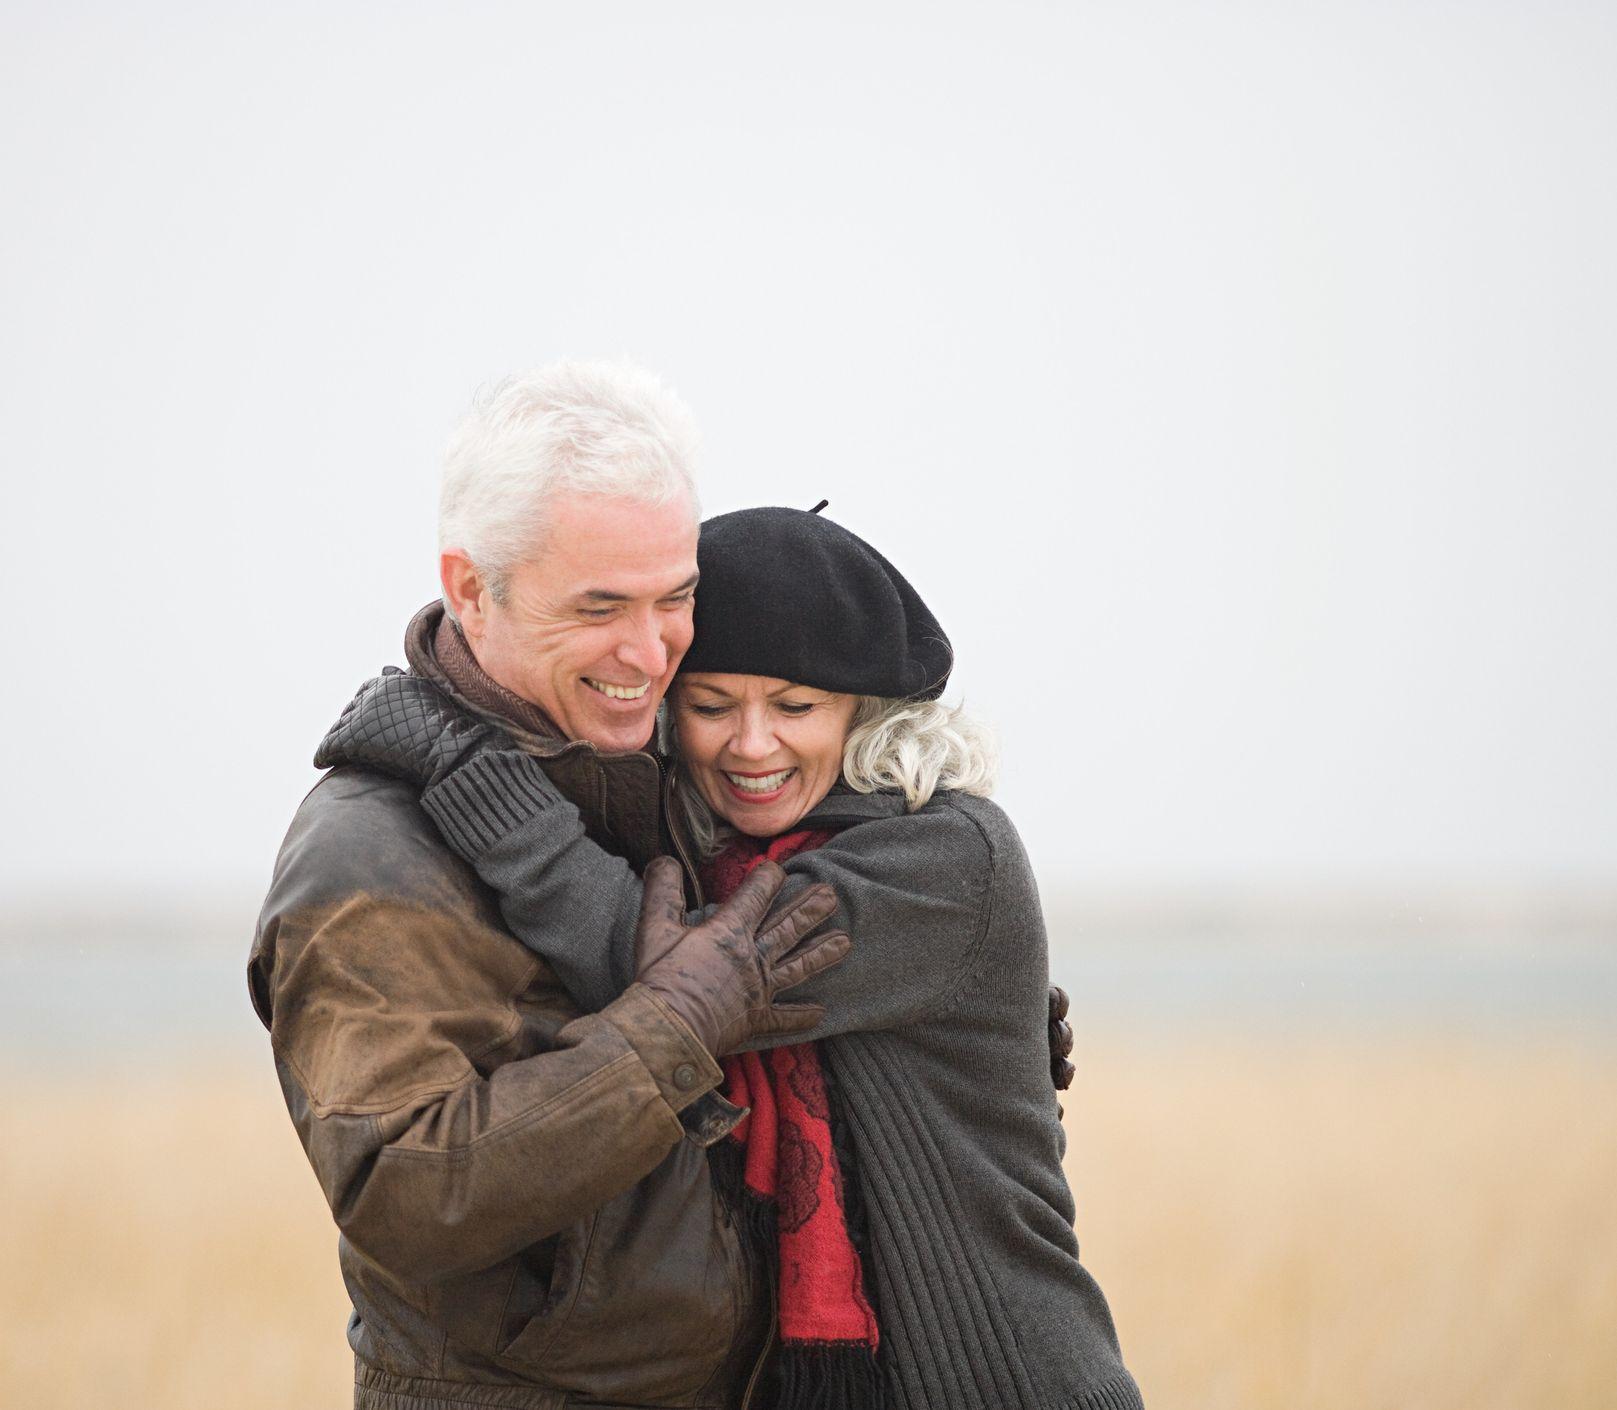 Vzťah v zrelom veku má výhody na nezaplatenie: Na lásku nie je nikdy neskoro